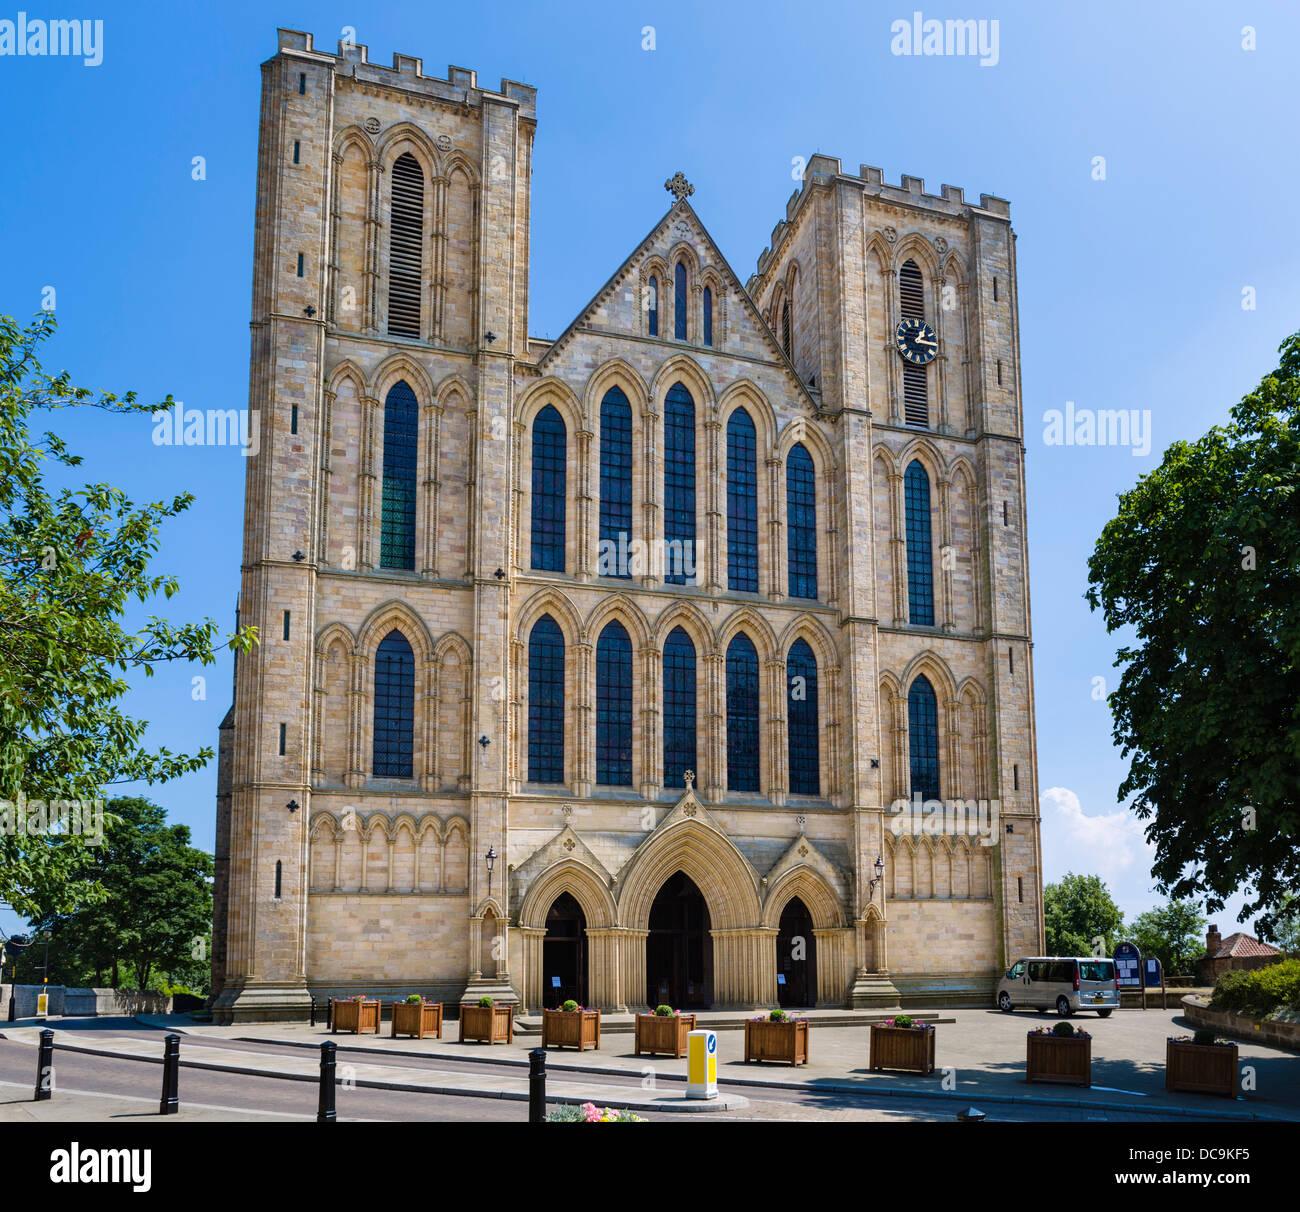 Fachada de la Catedral de Ripon, Ripon, North Yorkshire, Inglaterra, Reino Unido. Imagen De Stock